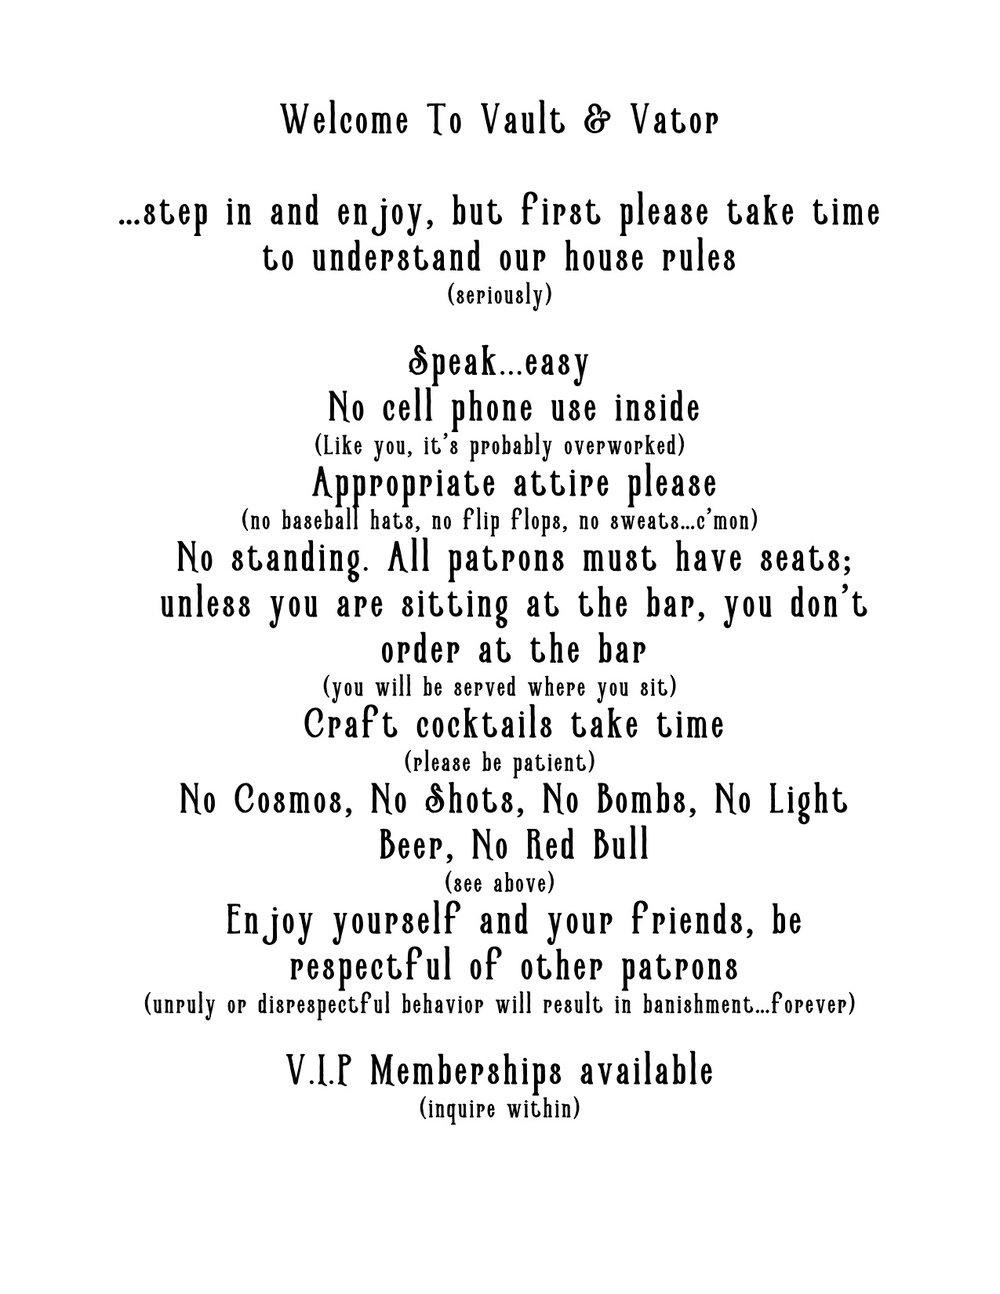 V&V_house+rules.jpg